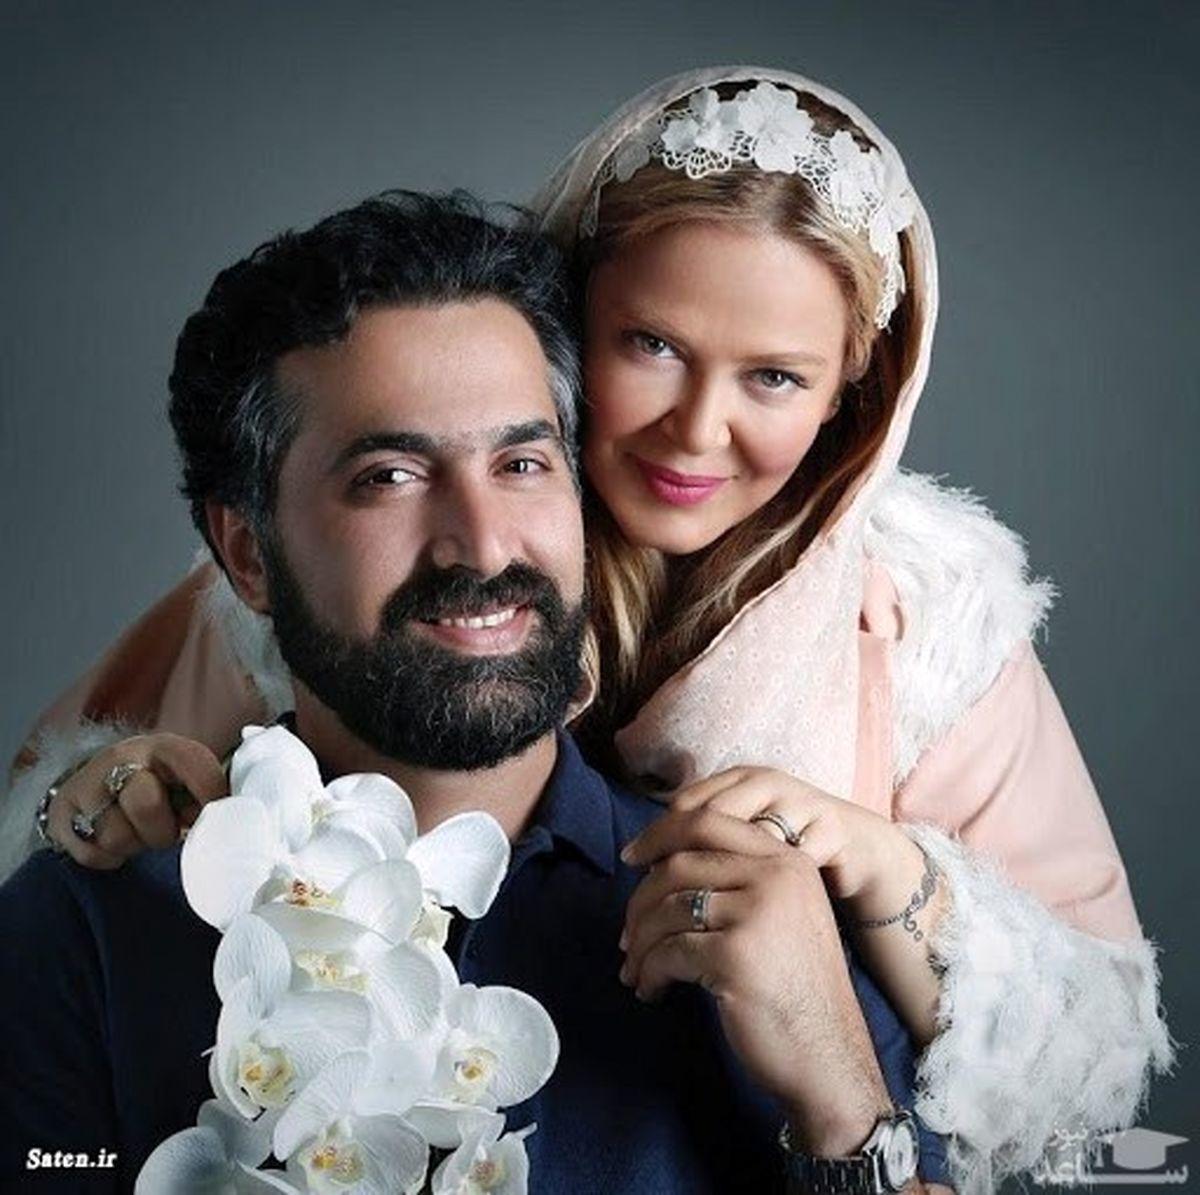 ژست های بچگانه بهاره رهنما در سالگرد ازدواجش حاشیه ساز شد + تصاویر